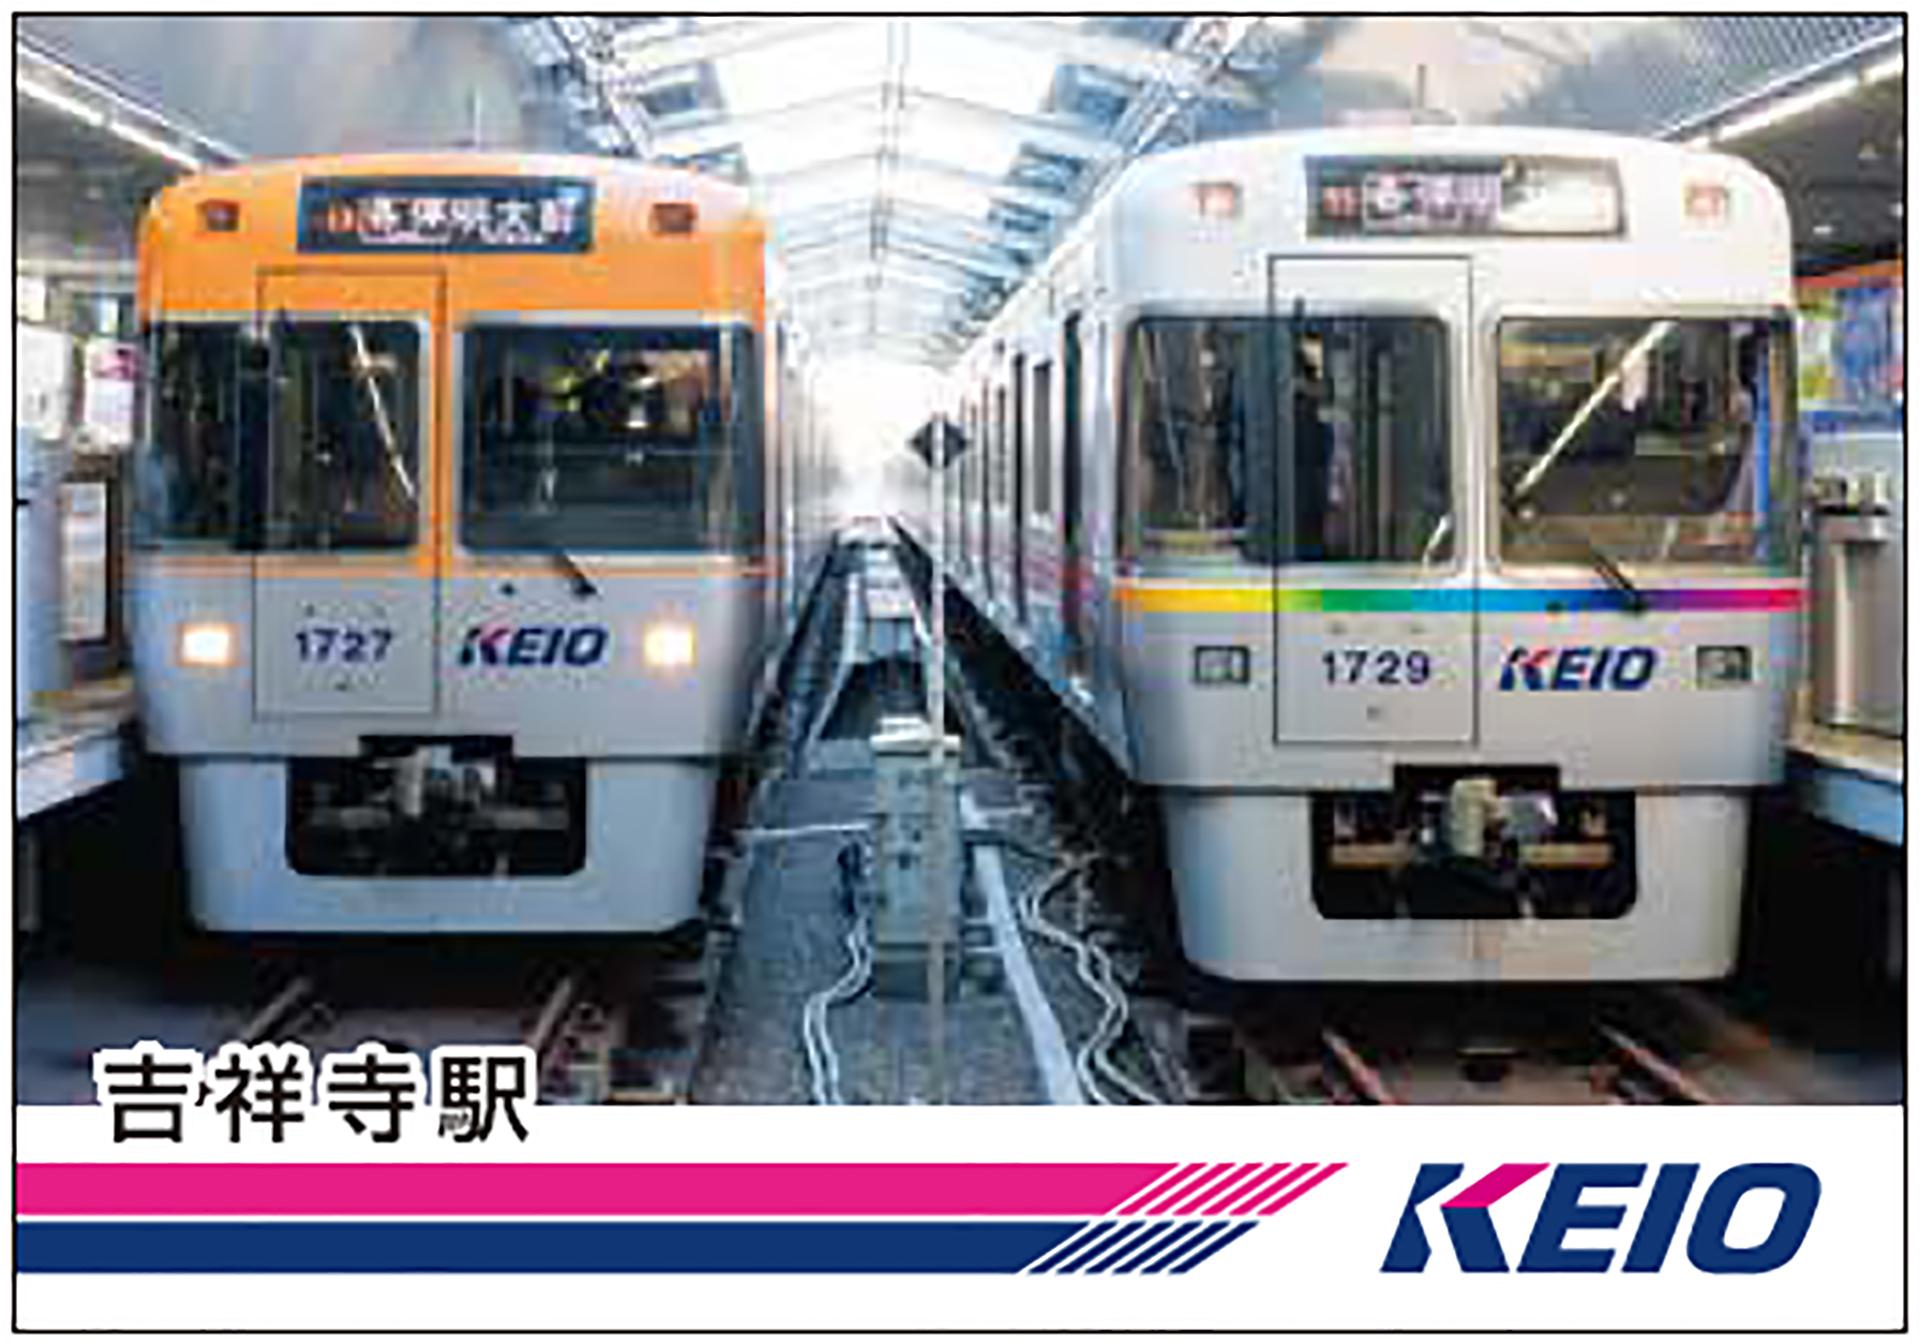 京王電車スタンプラリー